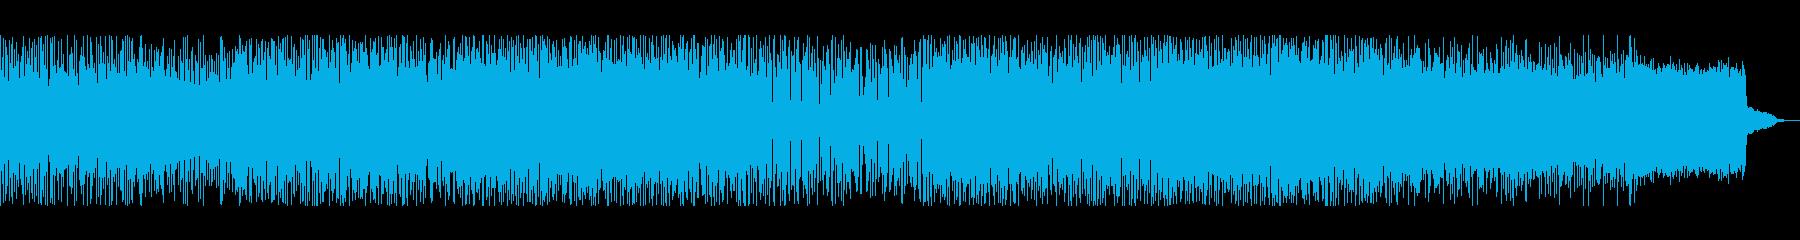 宇宙空間、海中などを想定したBGMの再生済みの波形